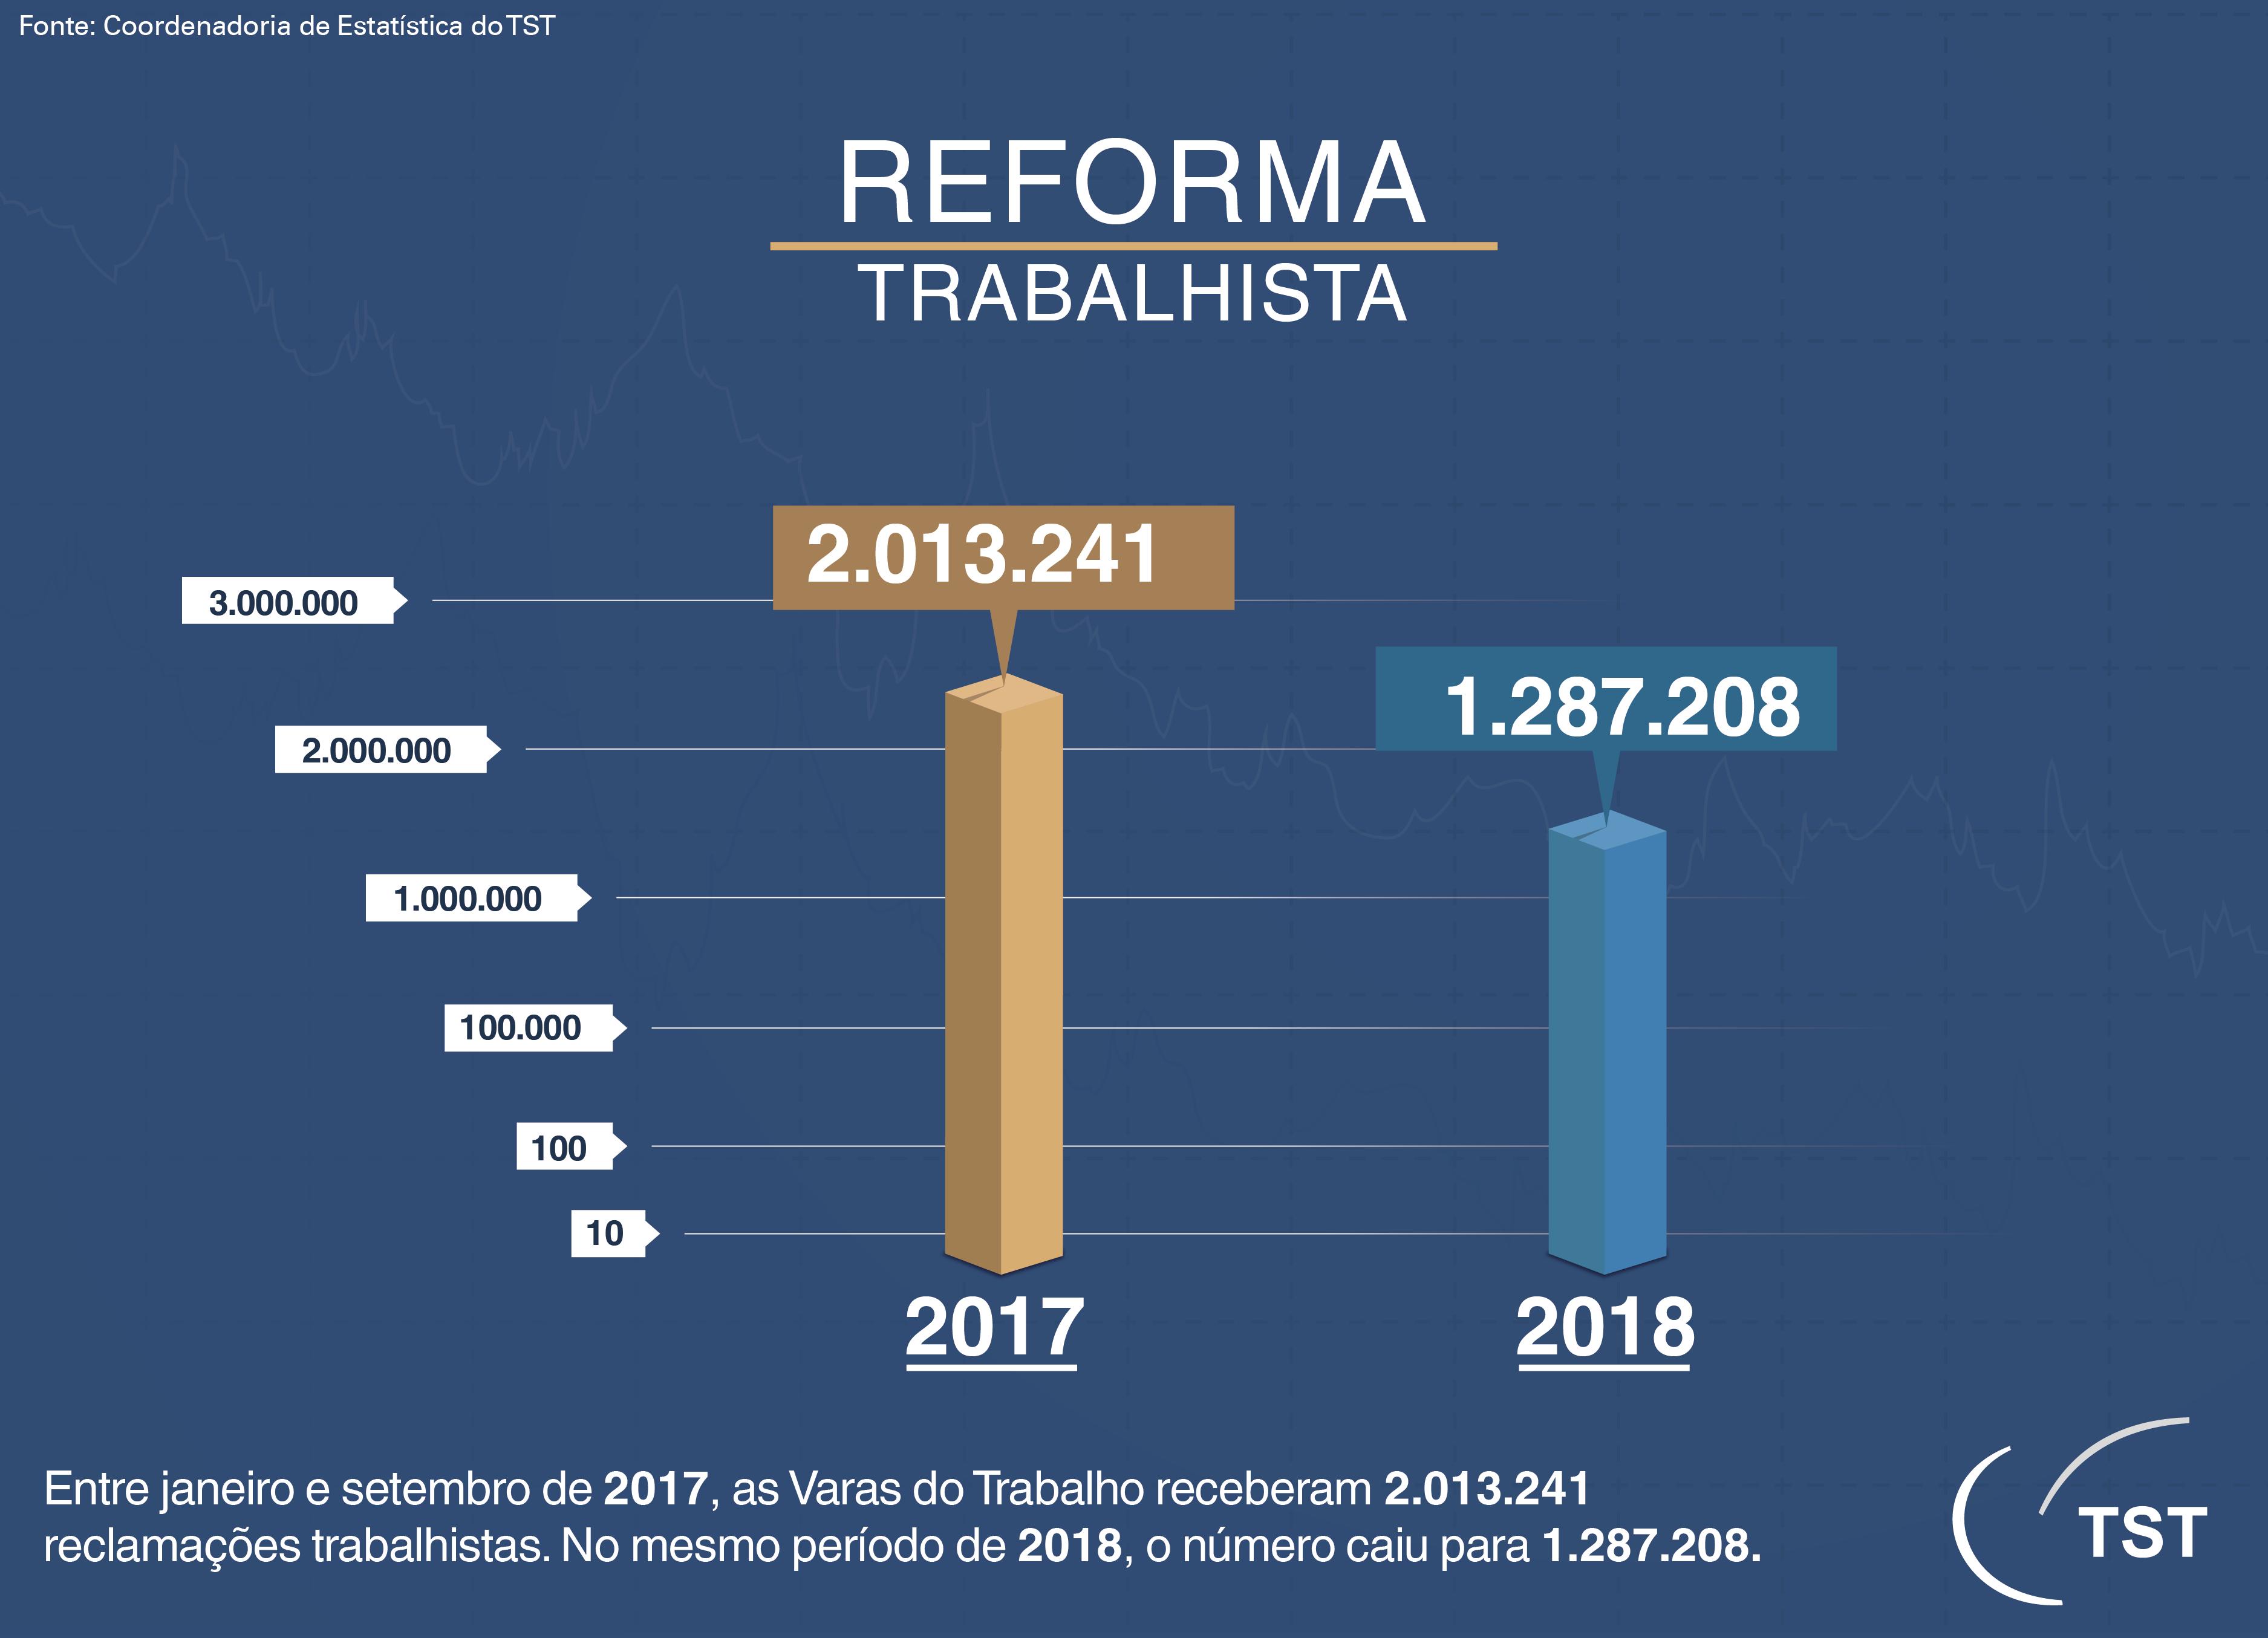 tst-reforma-reducao-processos-2017-2018